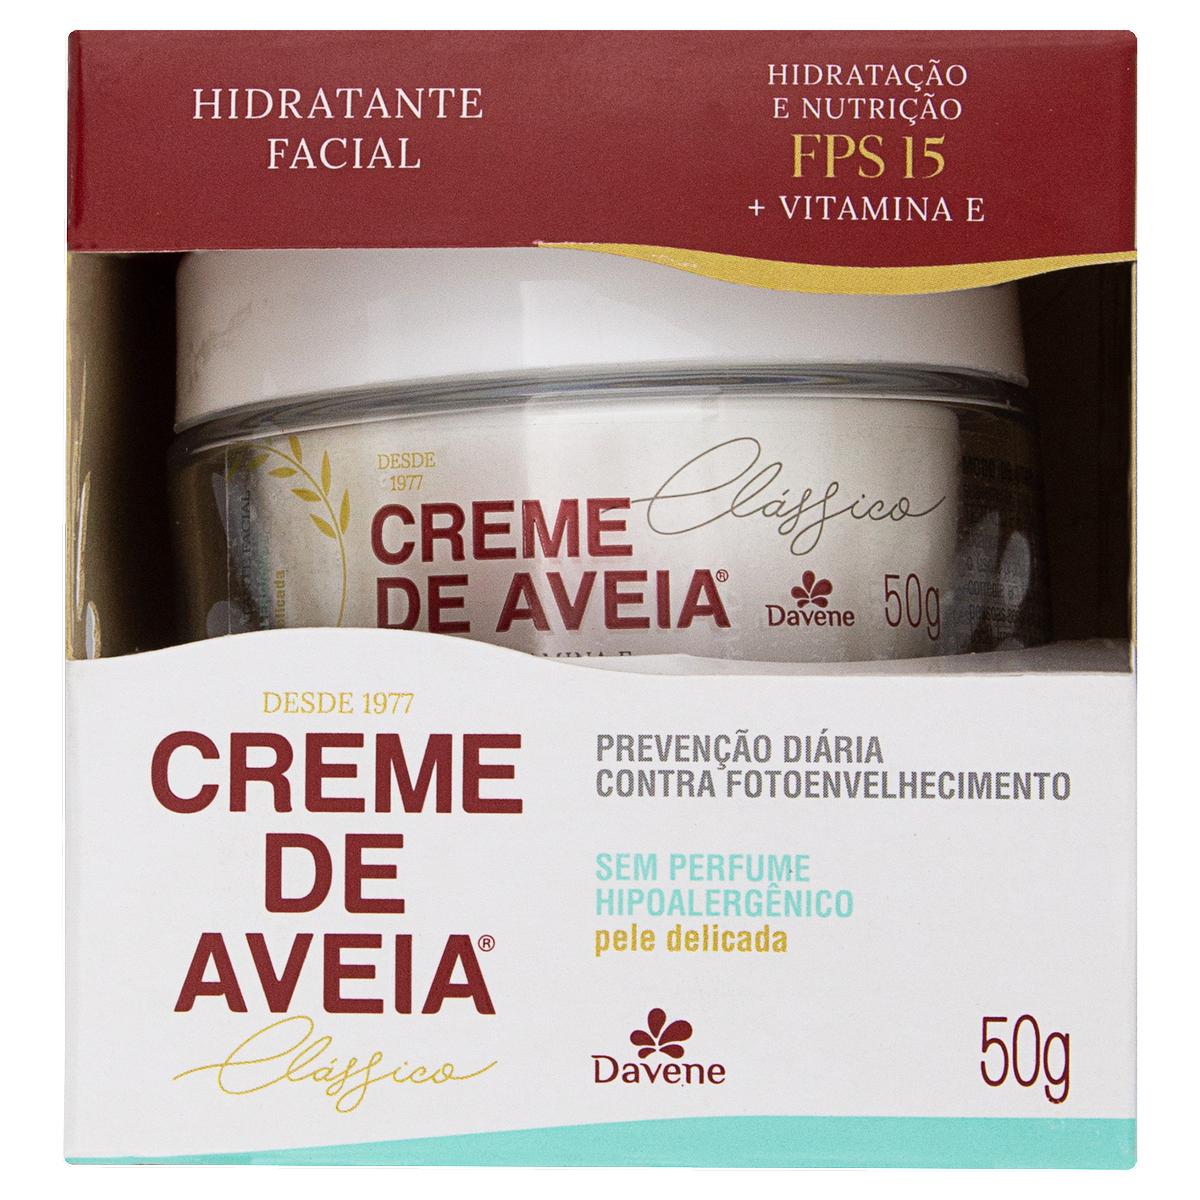 Creme Facial Hidratante Hipolergênico 50g Davene  UN